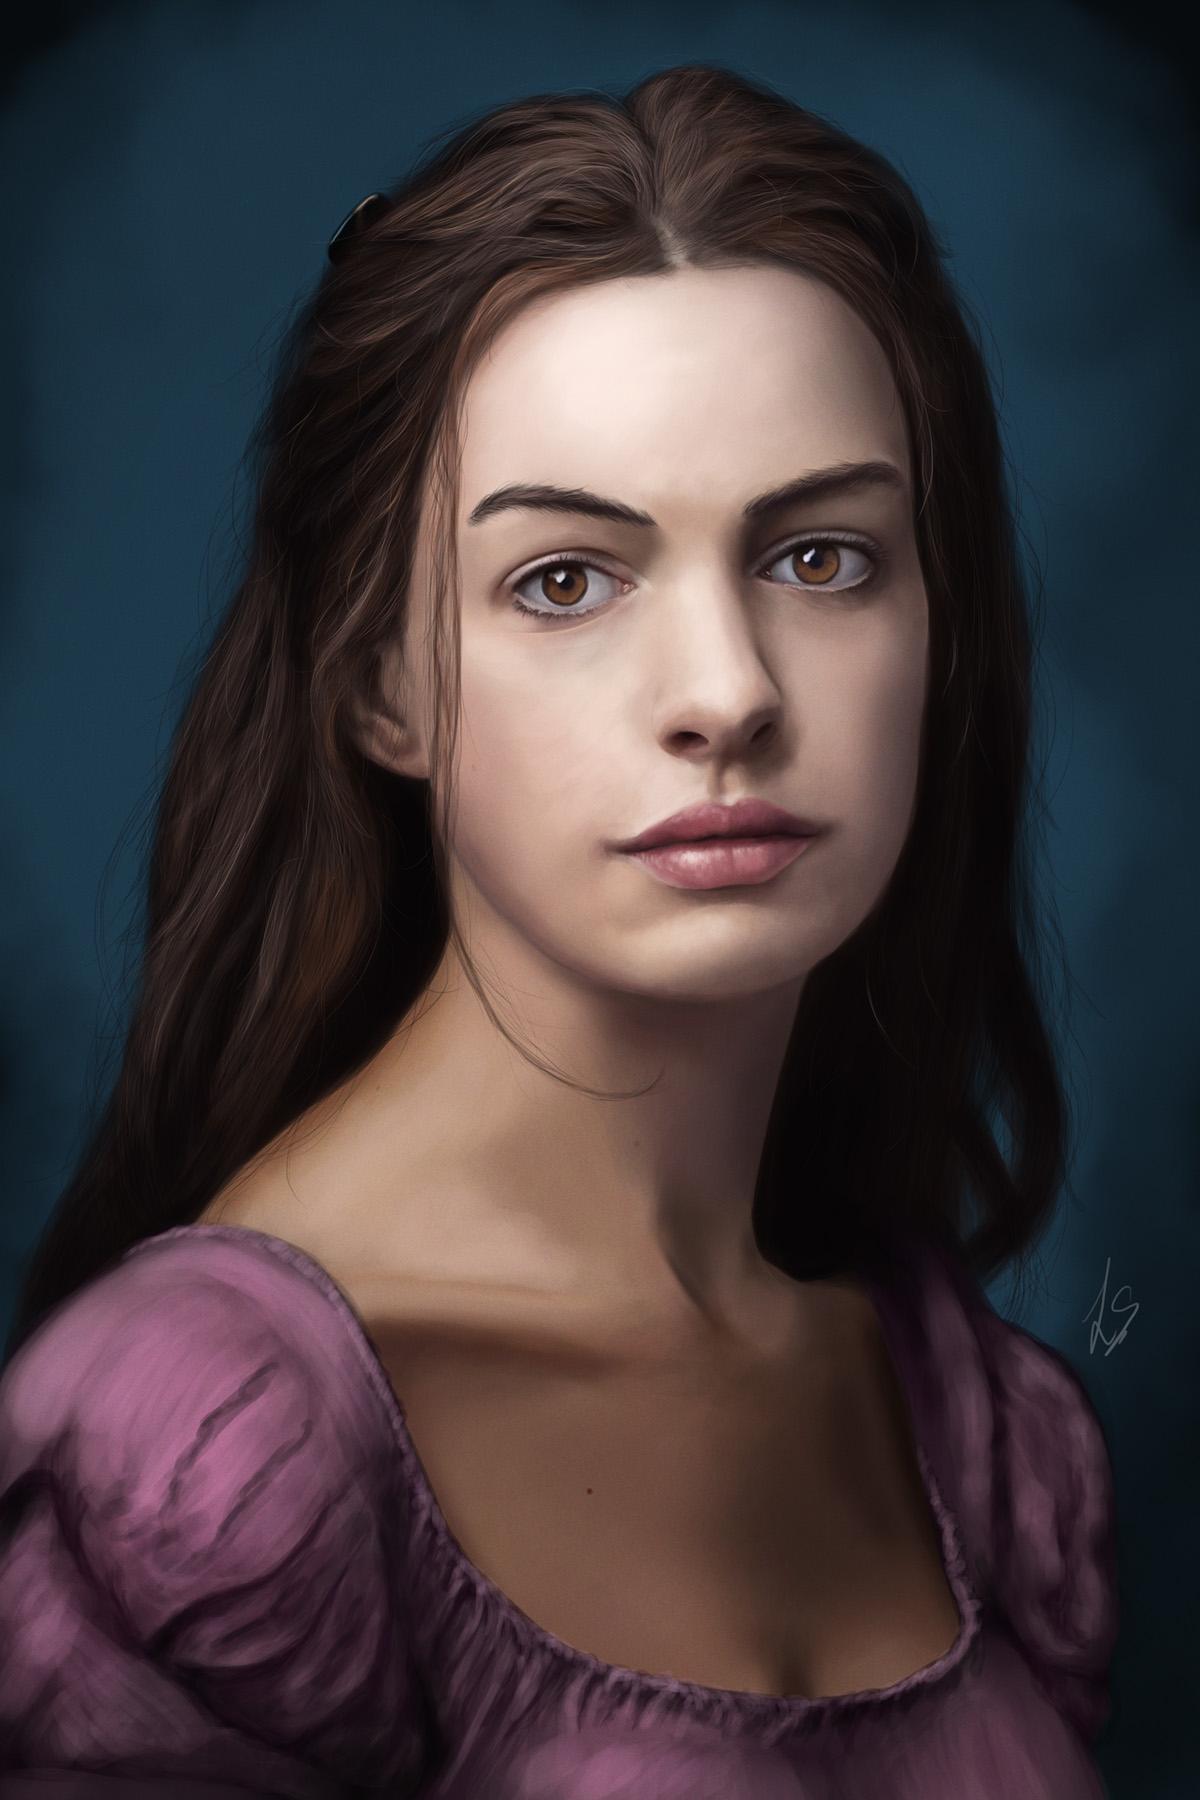 Anne Hathaway - Fantine - Les Miserables by Unam-et-solum